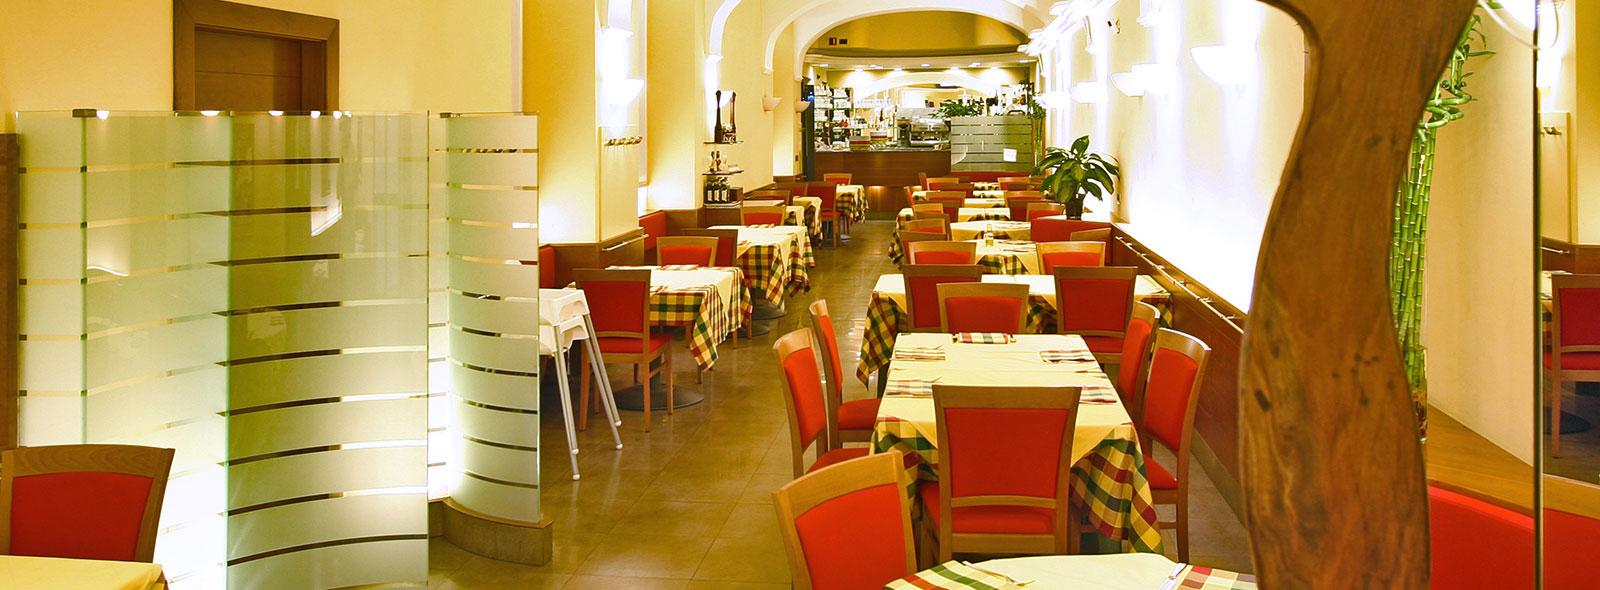 ristorante-1